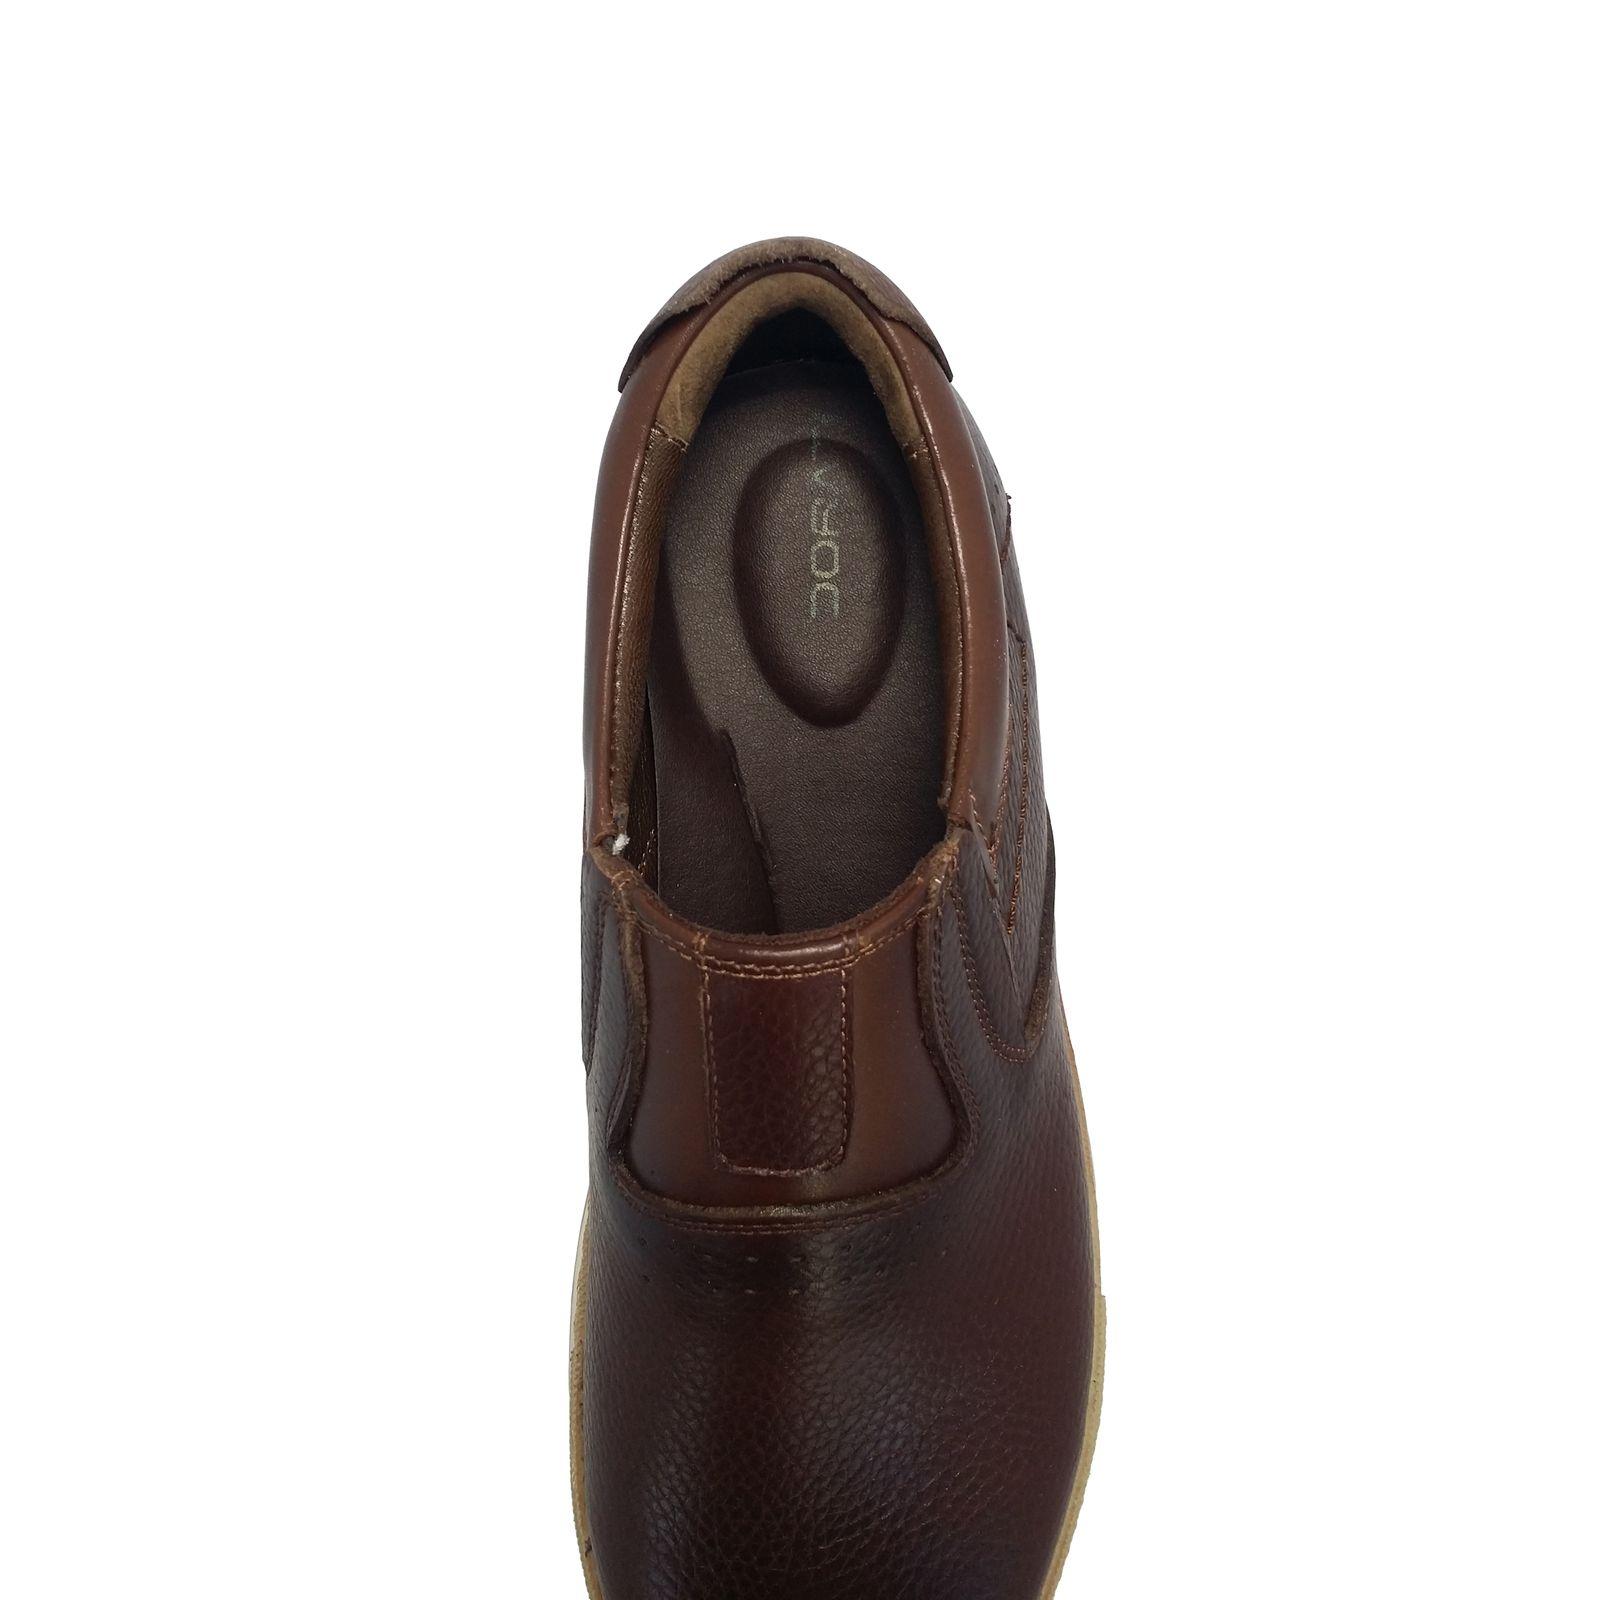 کفش روزمره مردانه دراتی مدل  DL-0012 -  - 7